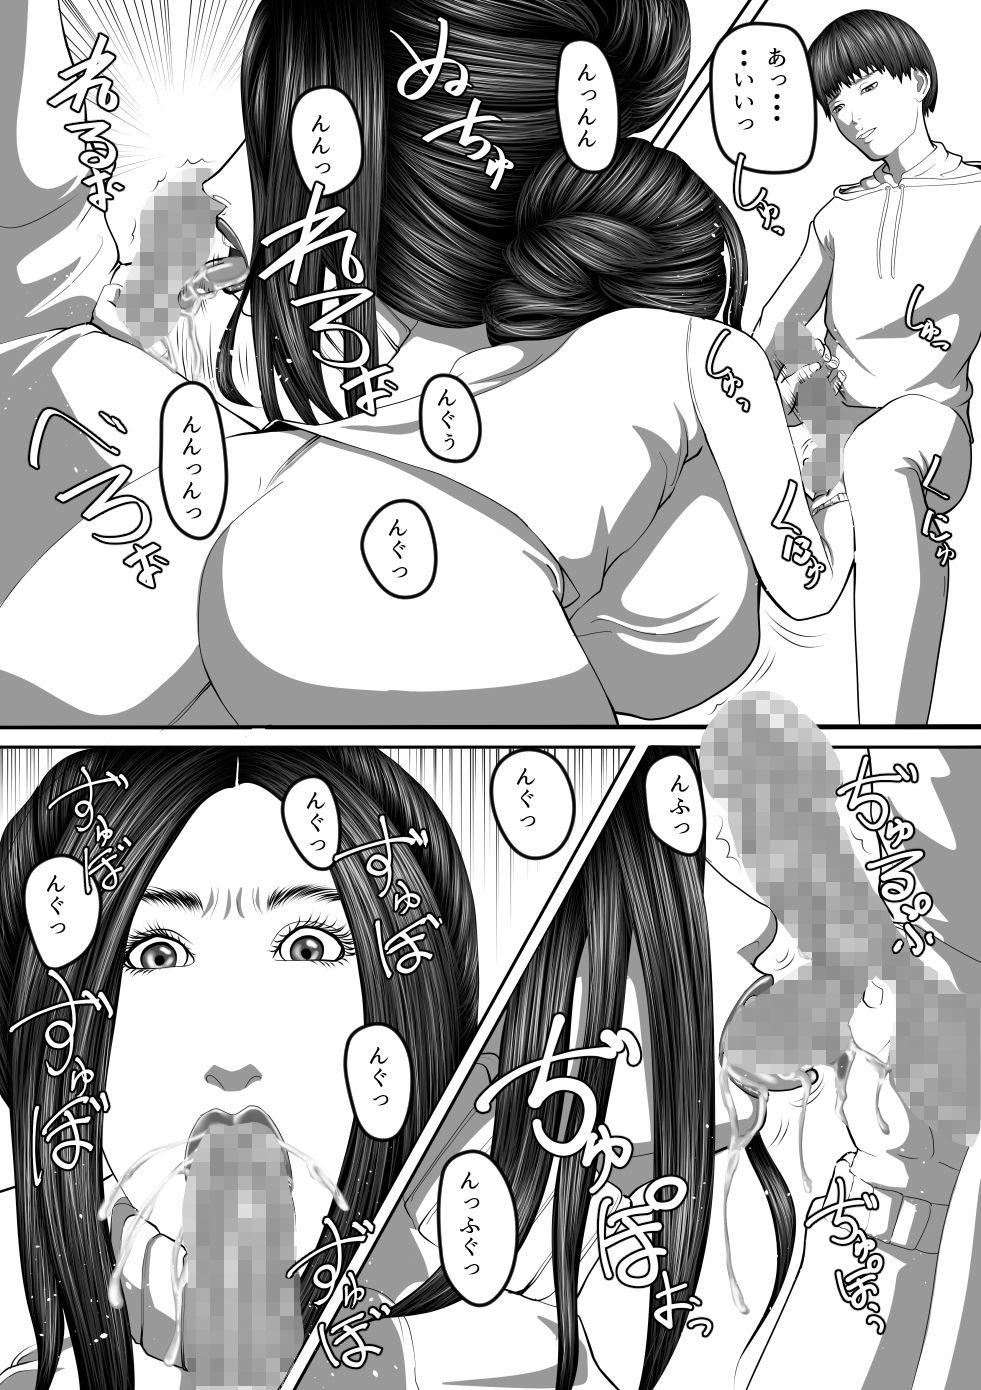 バイト先の熟女店長に強引に迫られ童貞を卒業した件のサンプル画像8